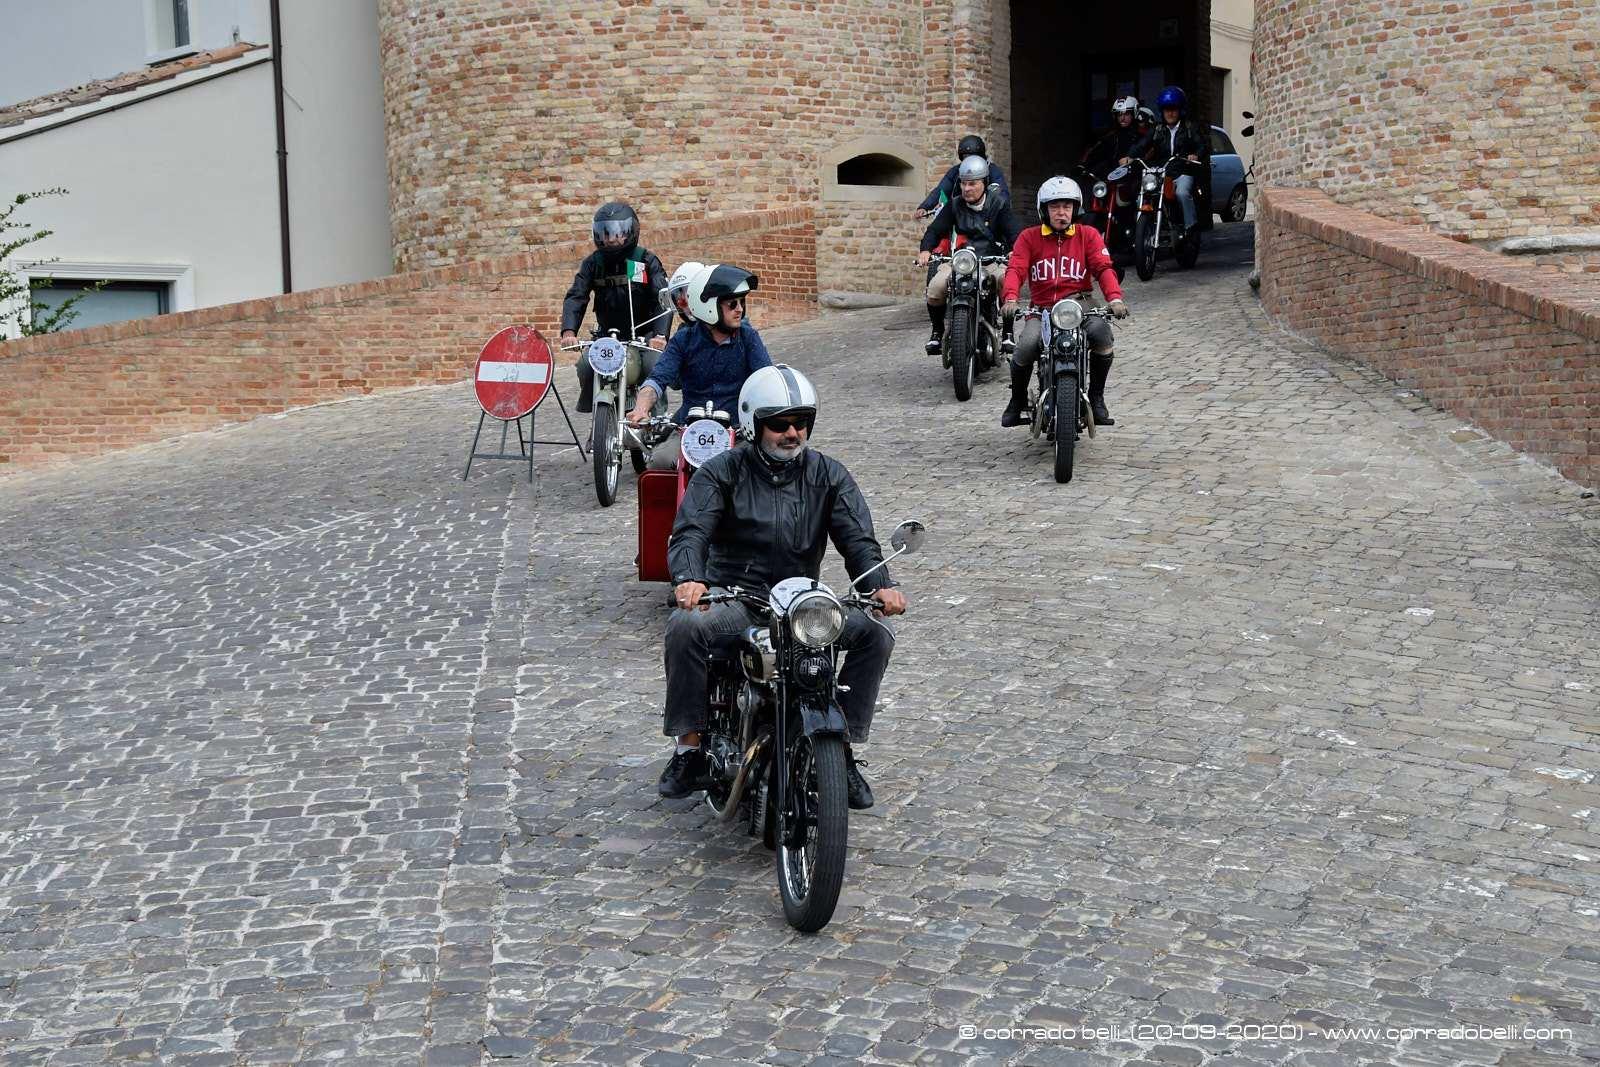 0211-La-Musica-della-moto_20-09-20